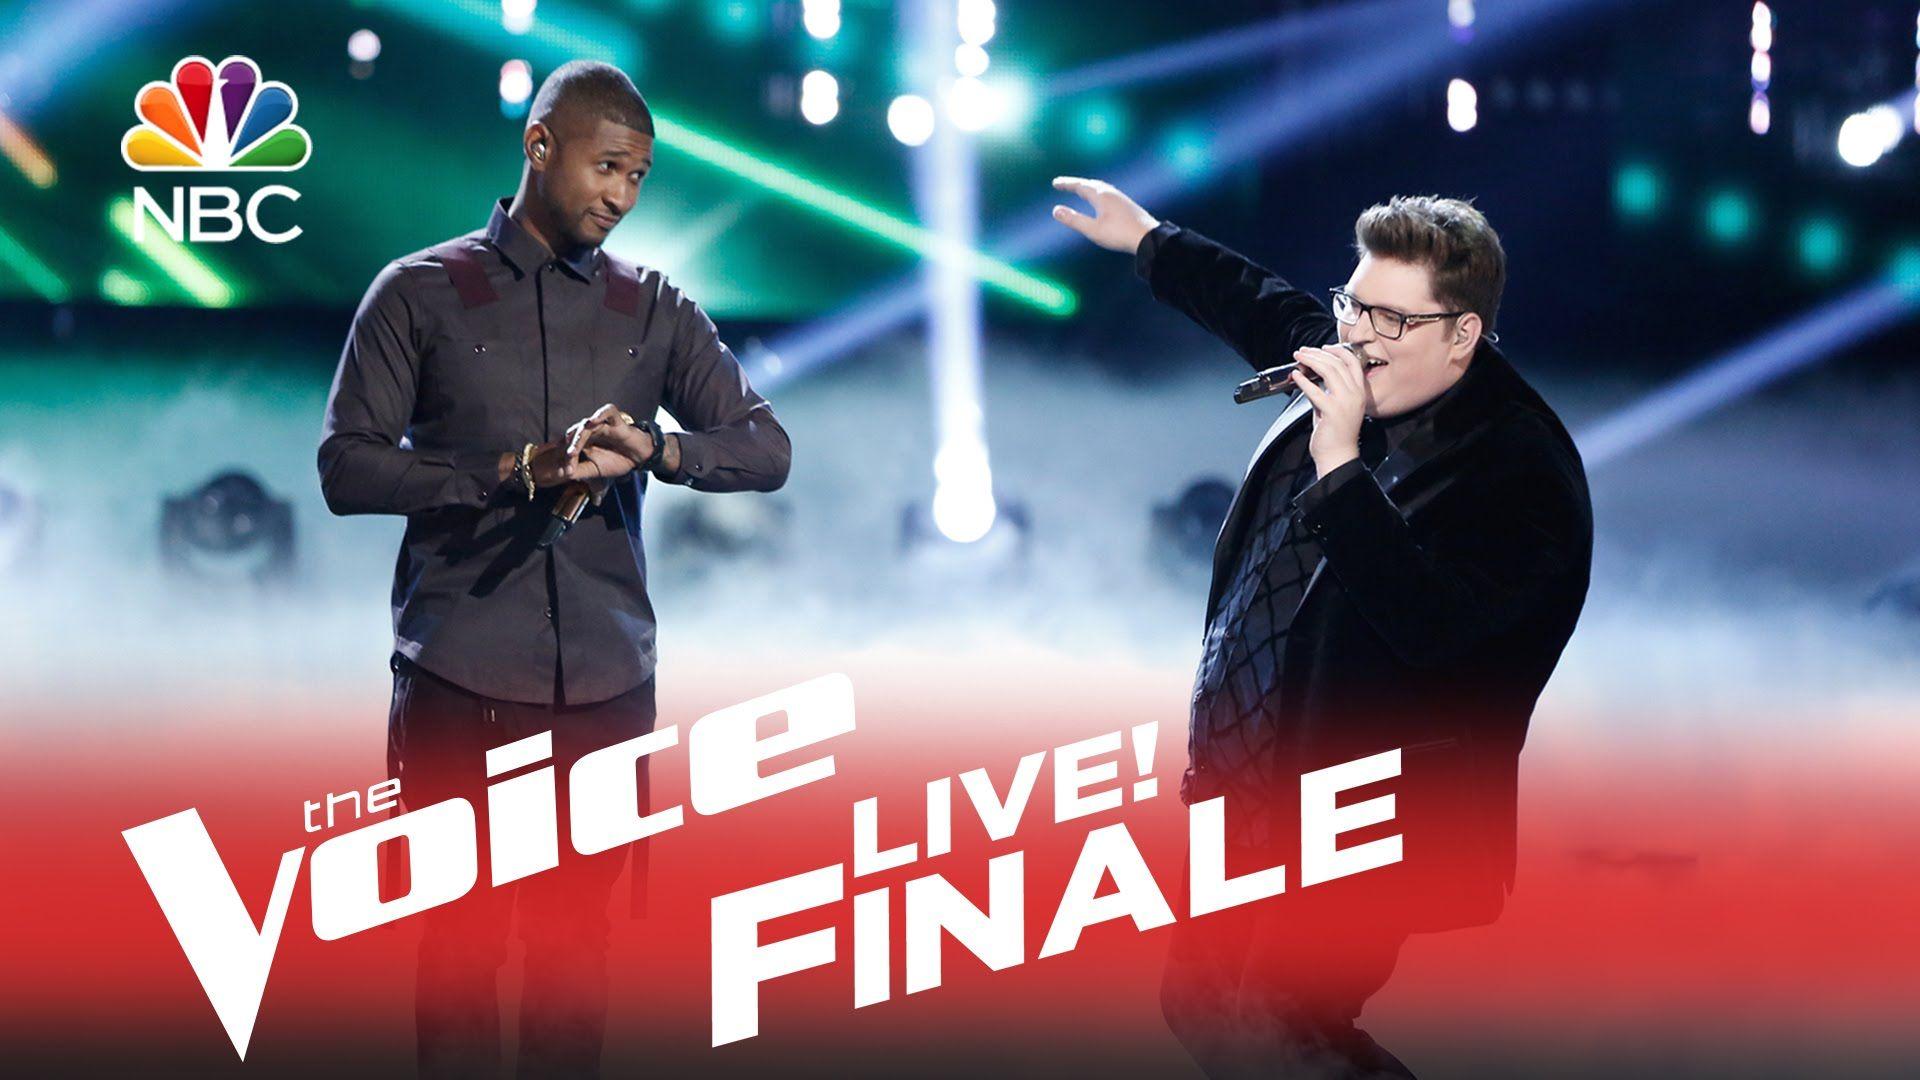 Who Won The Voice Season 9